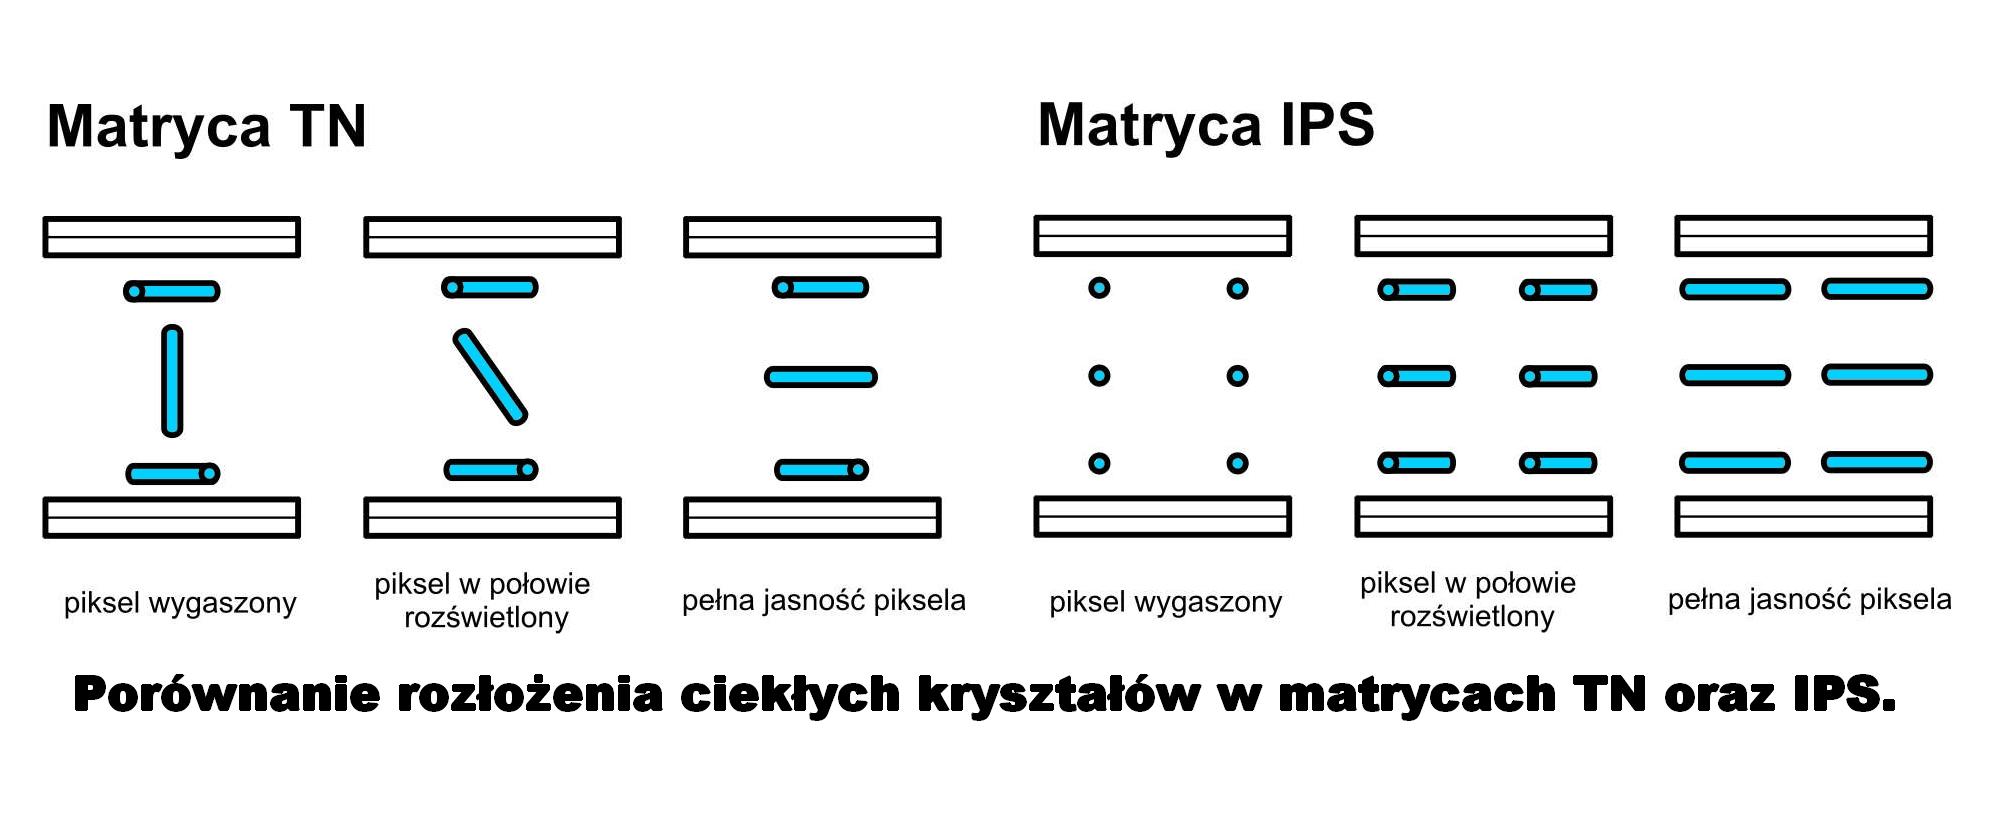 Porównanie układu ciekłych kryształów w matrycy TN i IPS.